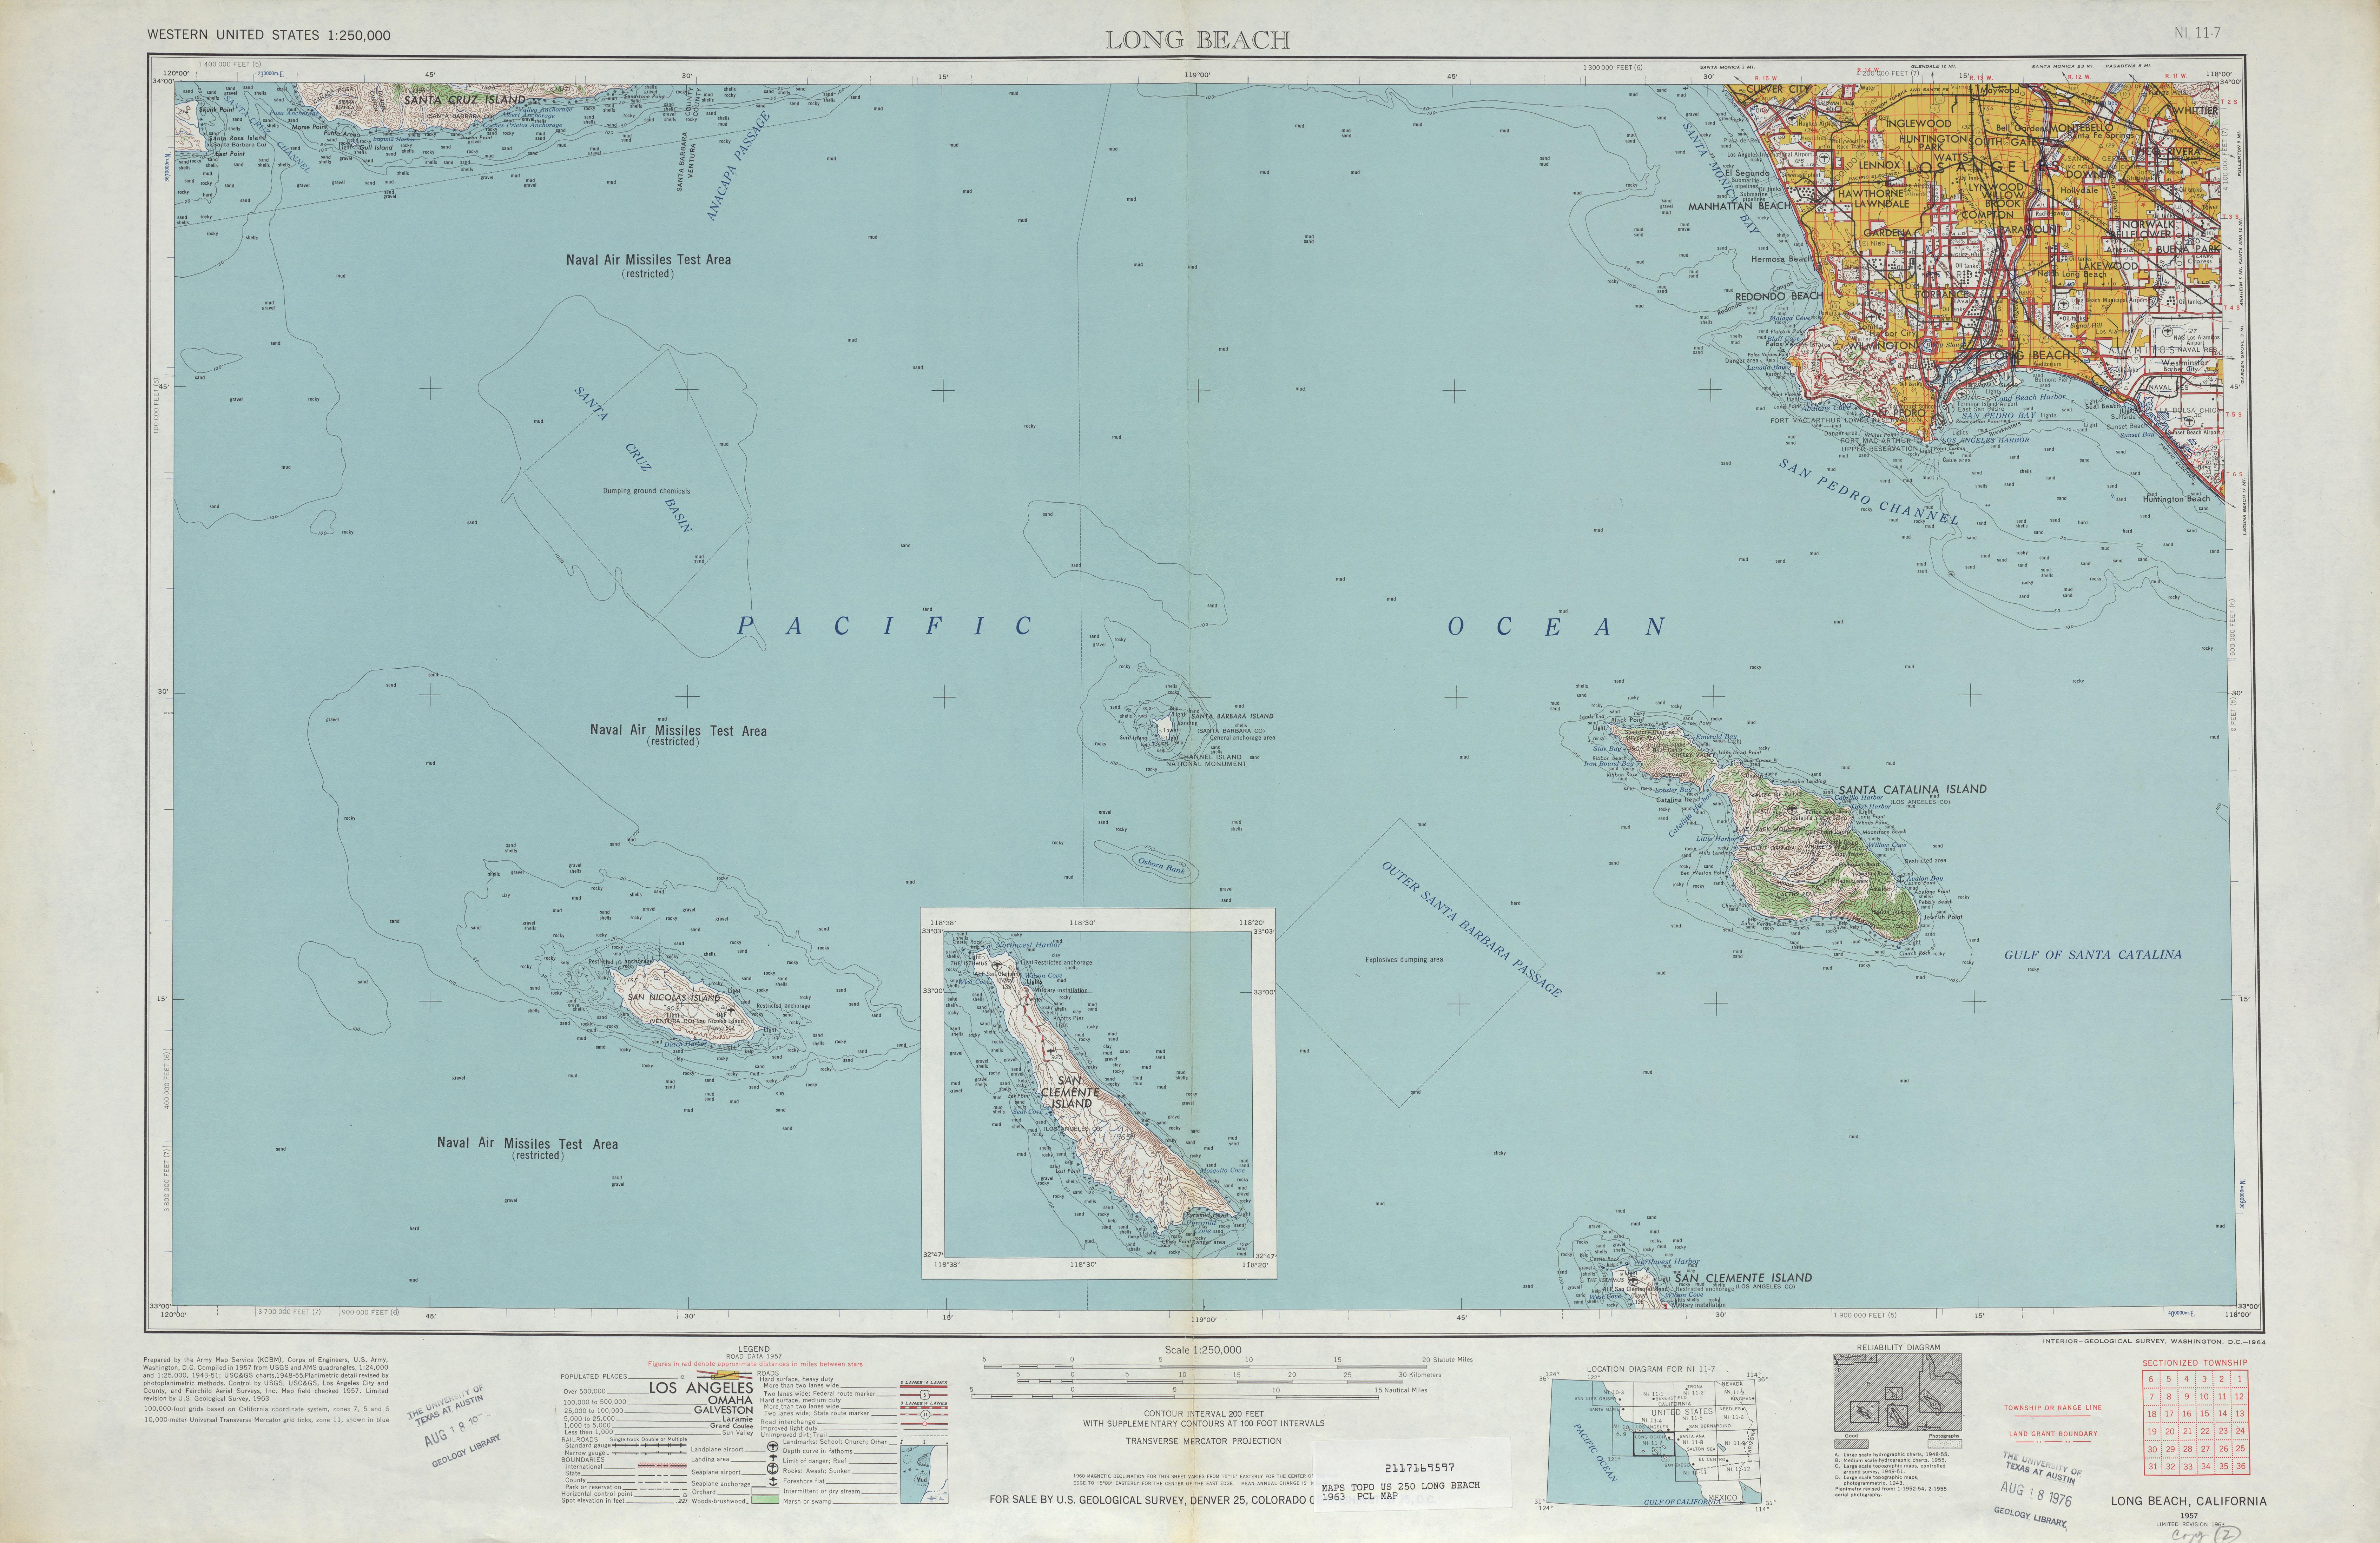 Hoja Long Beach del Mapa Topográfico de los Estados Unidos 1963